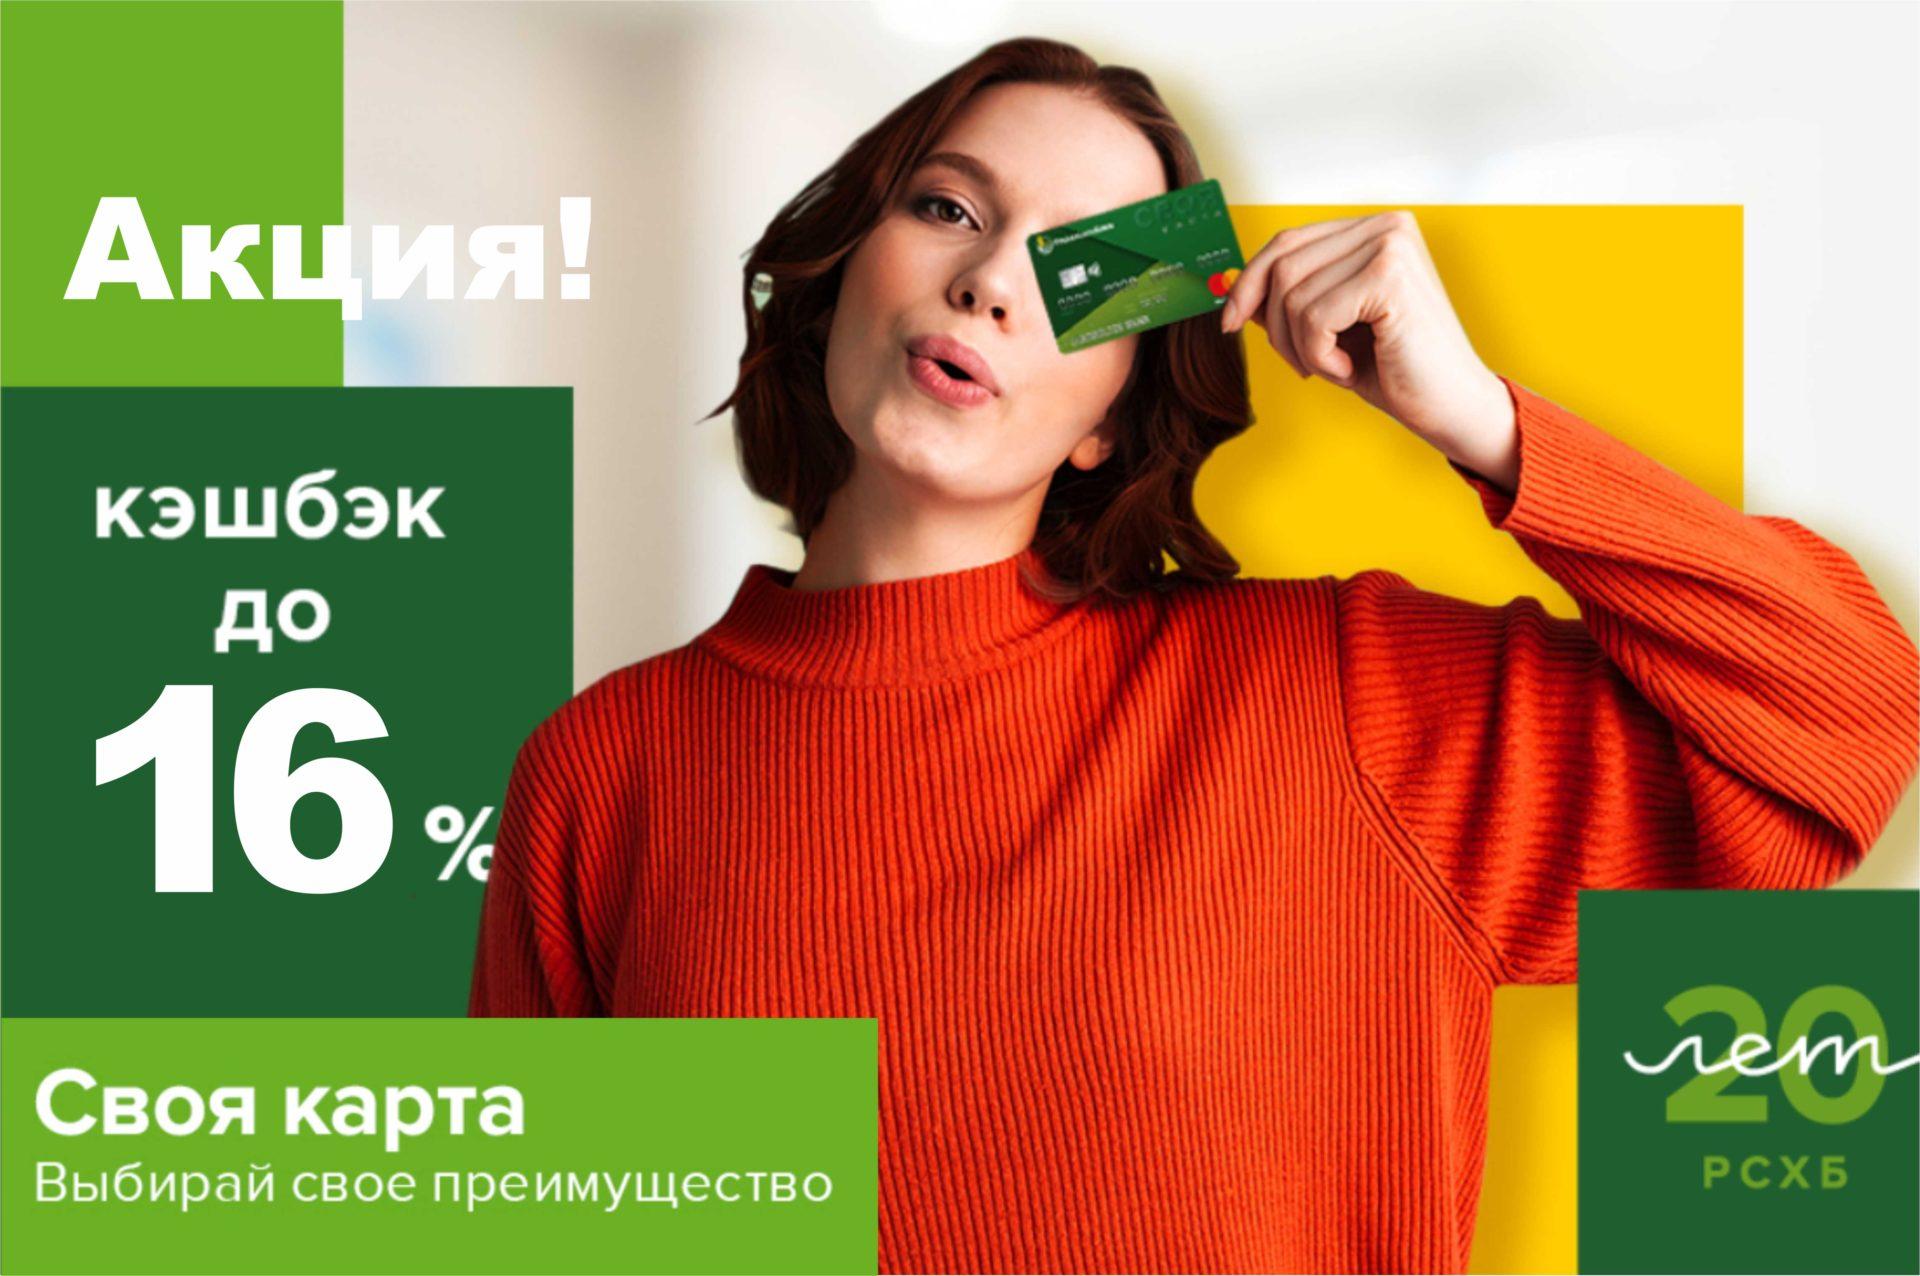 Россельхозбанк повысит кэшбэк для новых пользователей СВОЕЙ карты до 16%